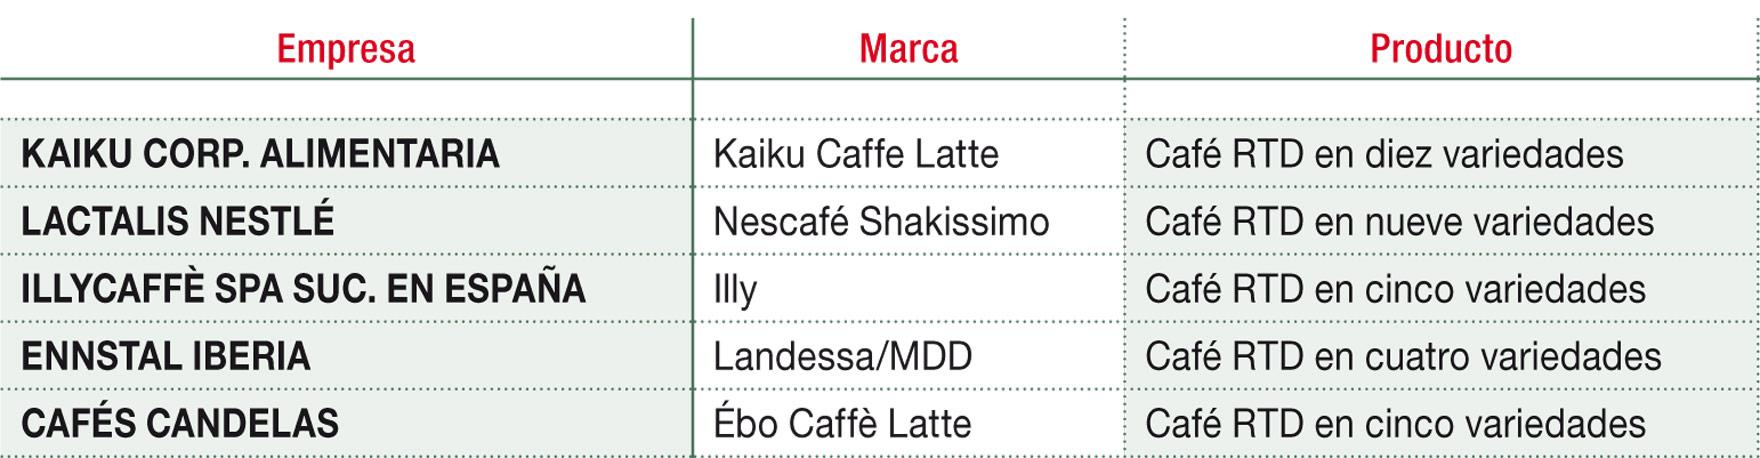 Principales marcas de cafés rtd